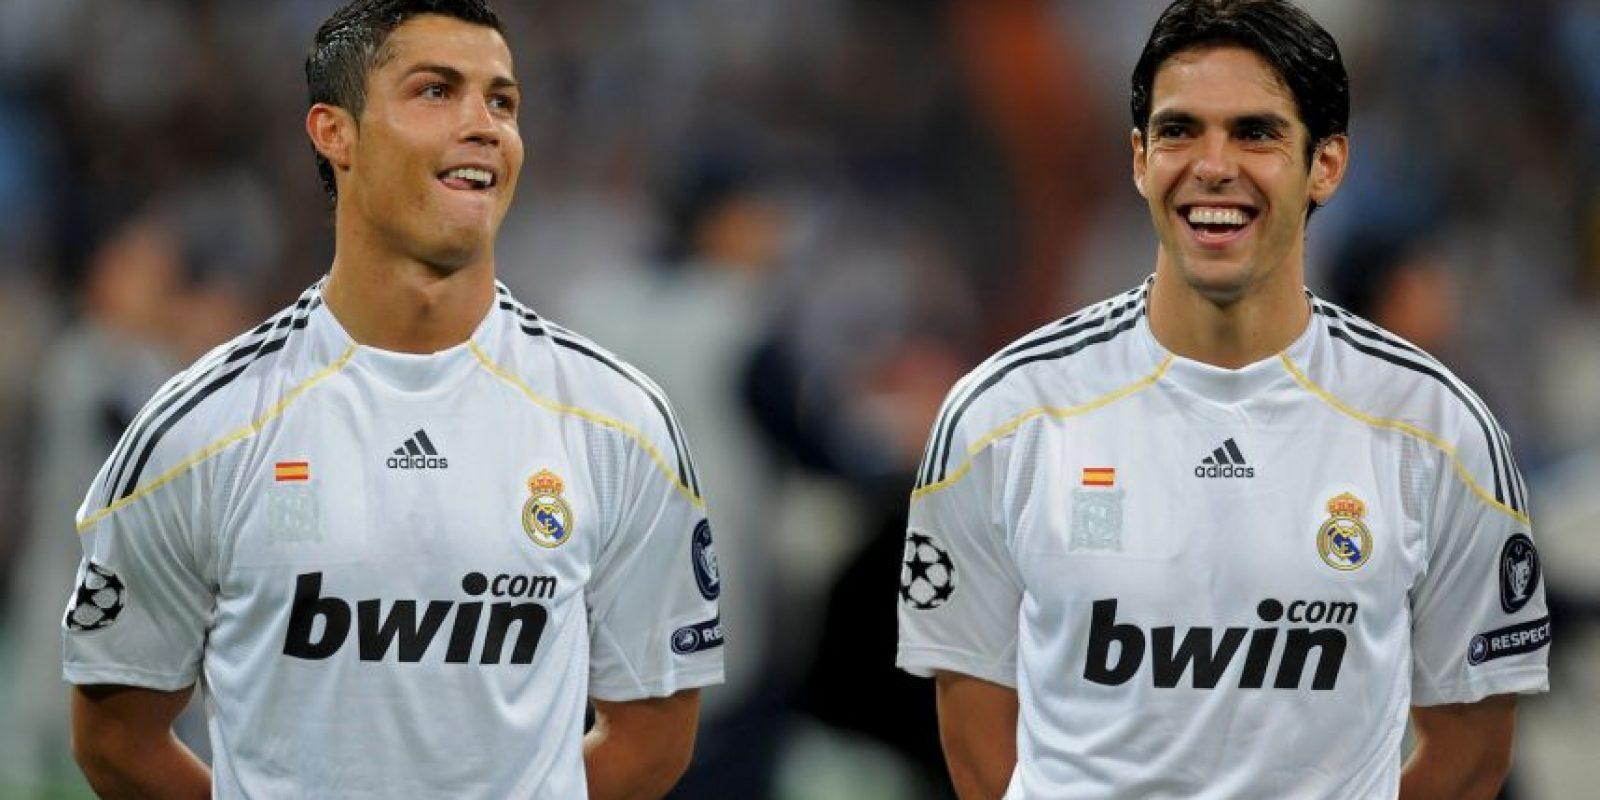 Este fue el primer uniforme en la segunda etapa de Florentino Pérez al frente del Real Madrid. También fue el primer año de Cristiano Ronaldo en el conjunto merengue. Foto:Getty Images